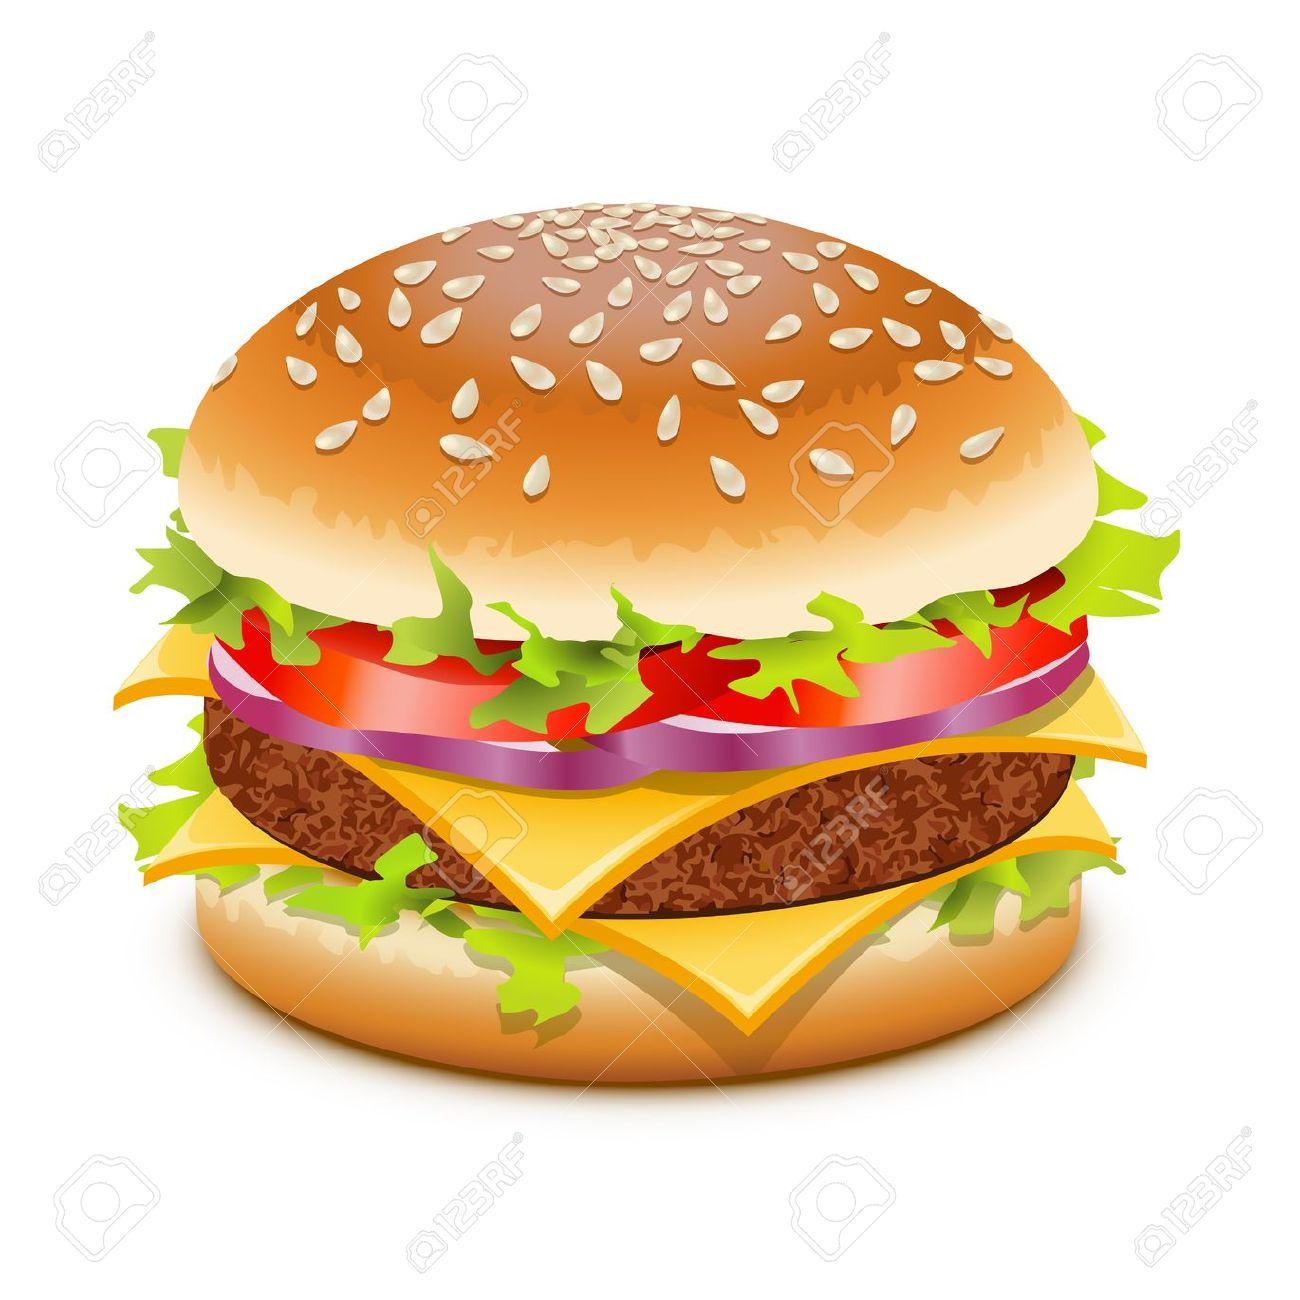 Bacon cheeseburger clipart.